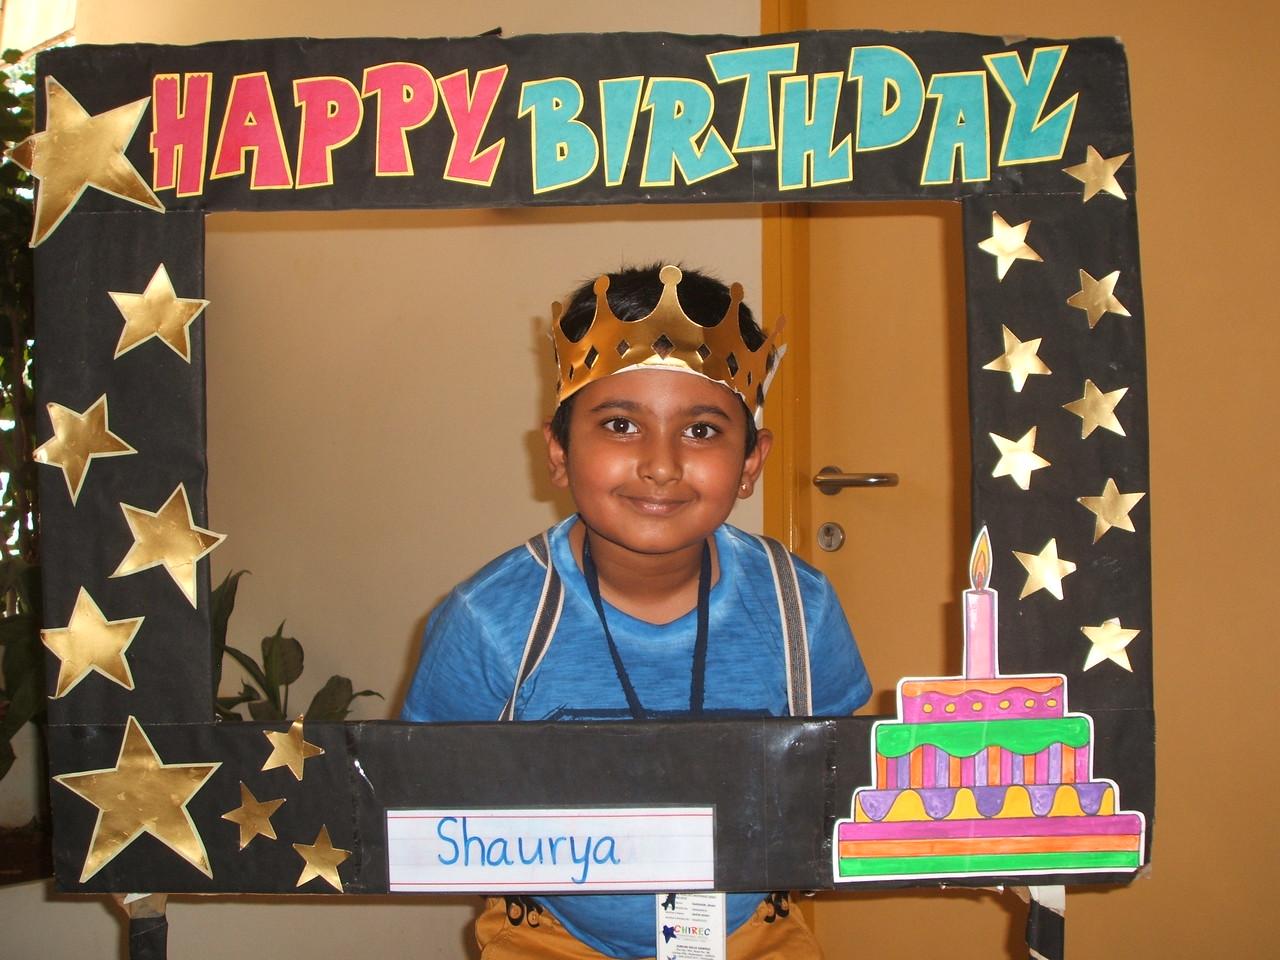 HAPPY BIRTHDAY-SHAURYA